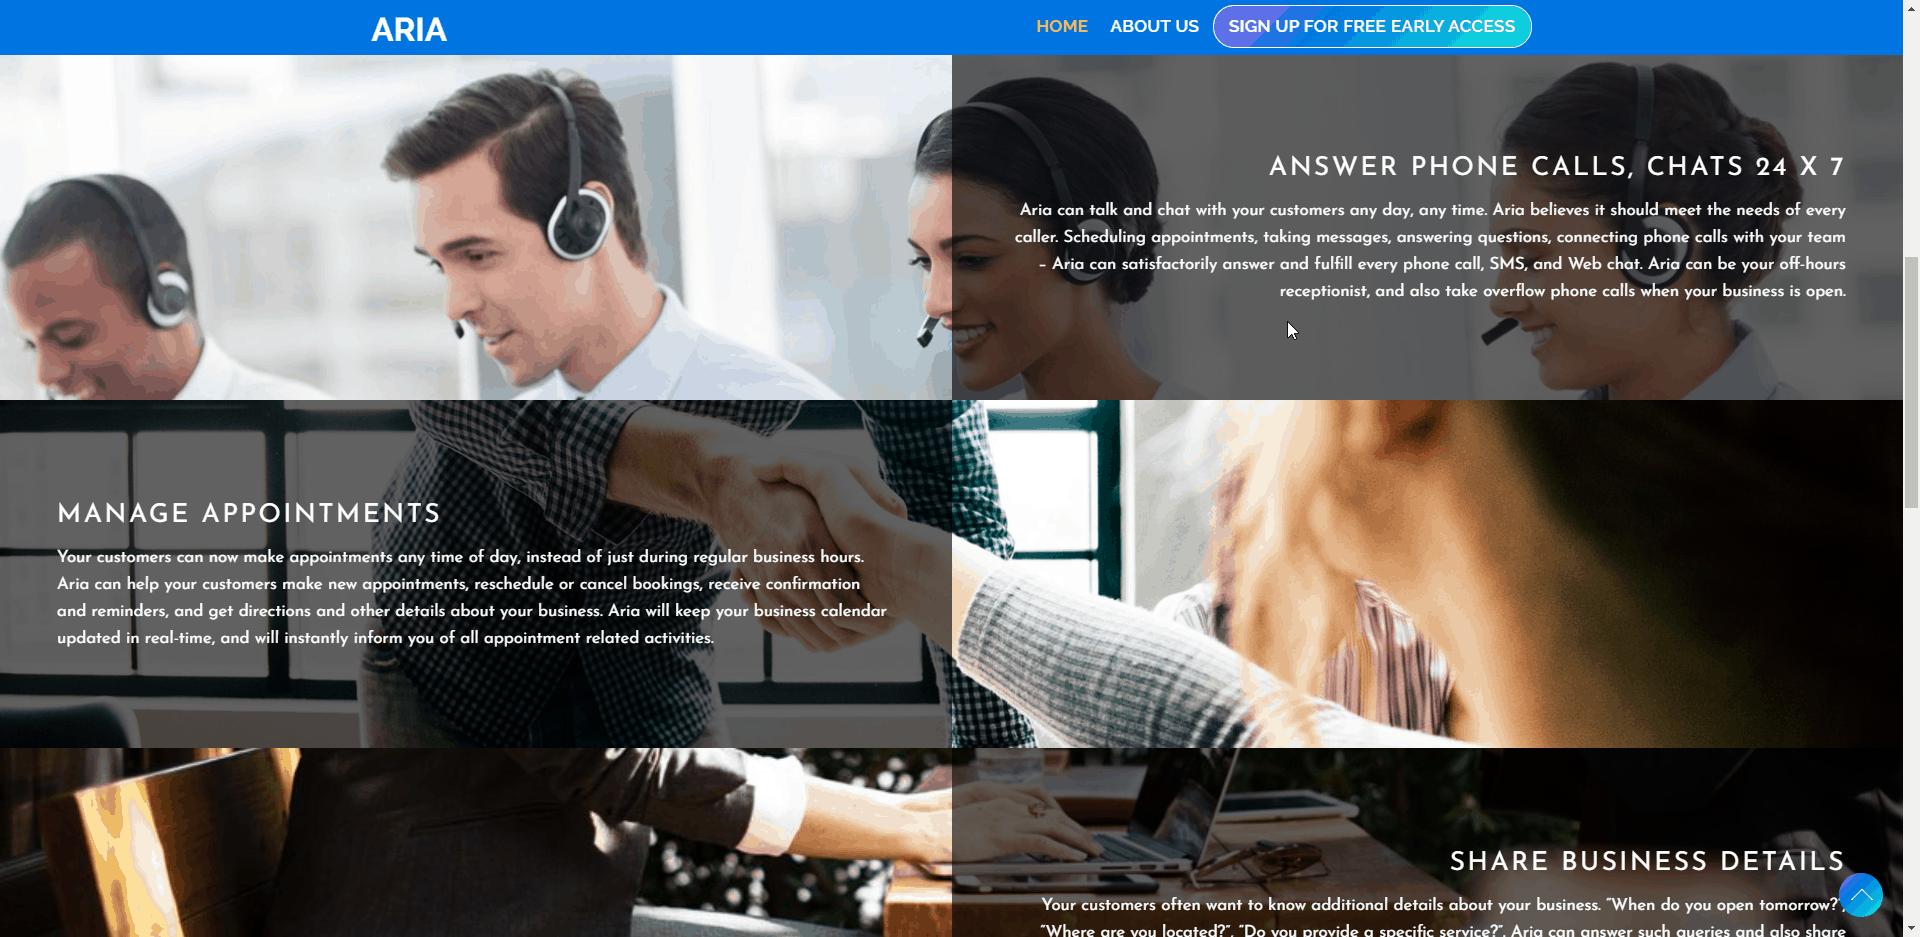 Ingage.ai - Corporate Website Design - Design- Cleverativity